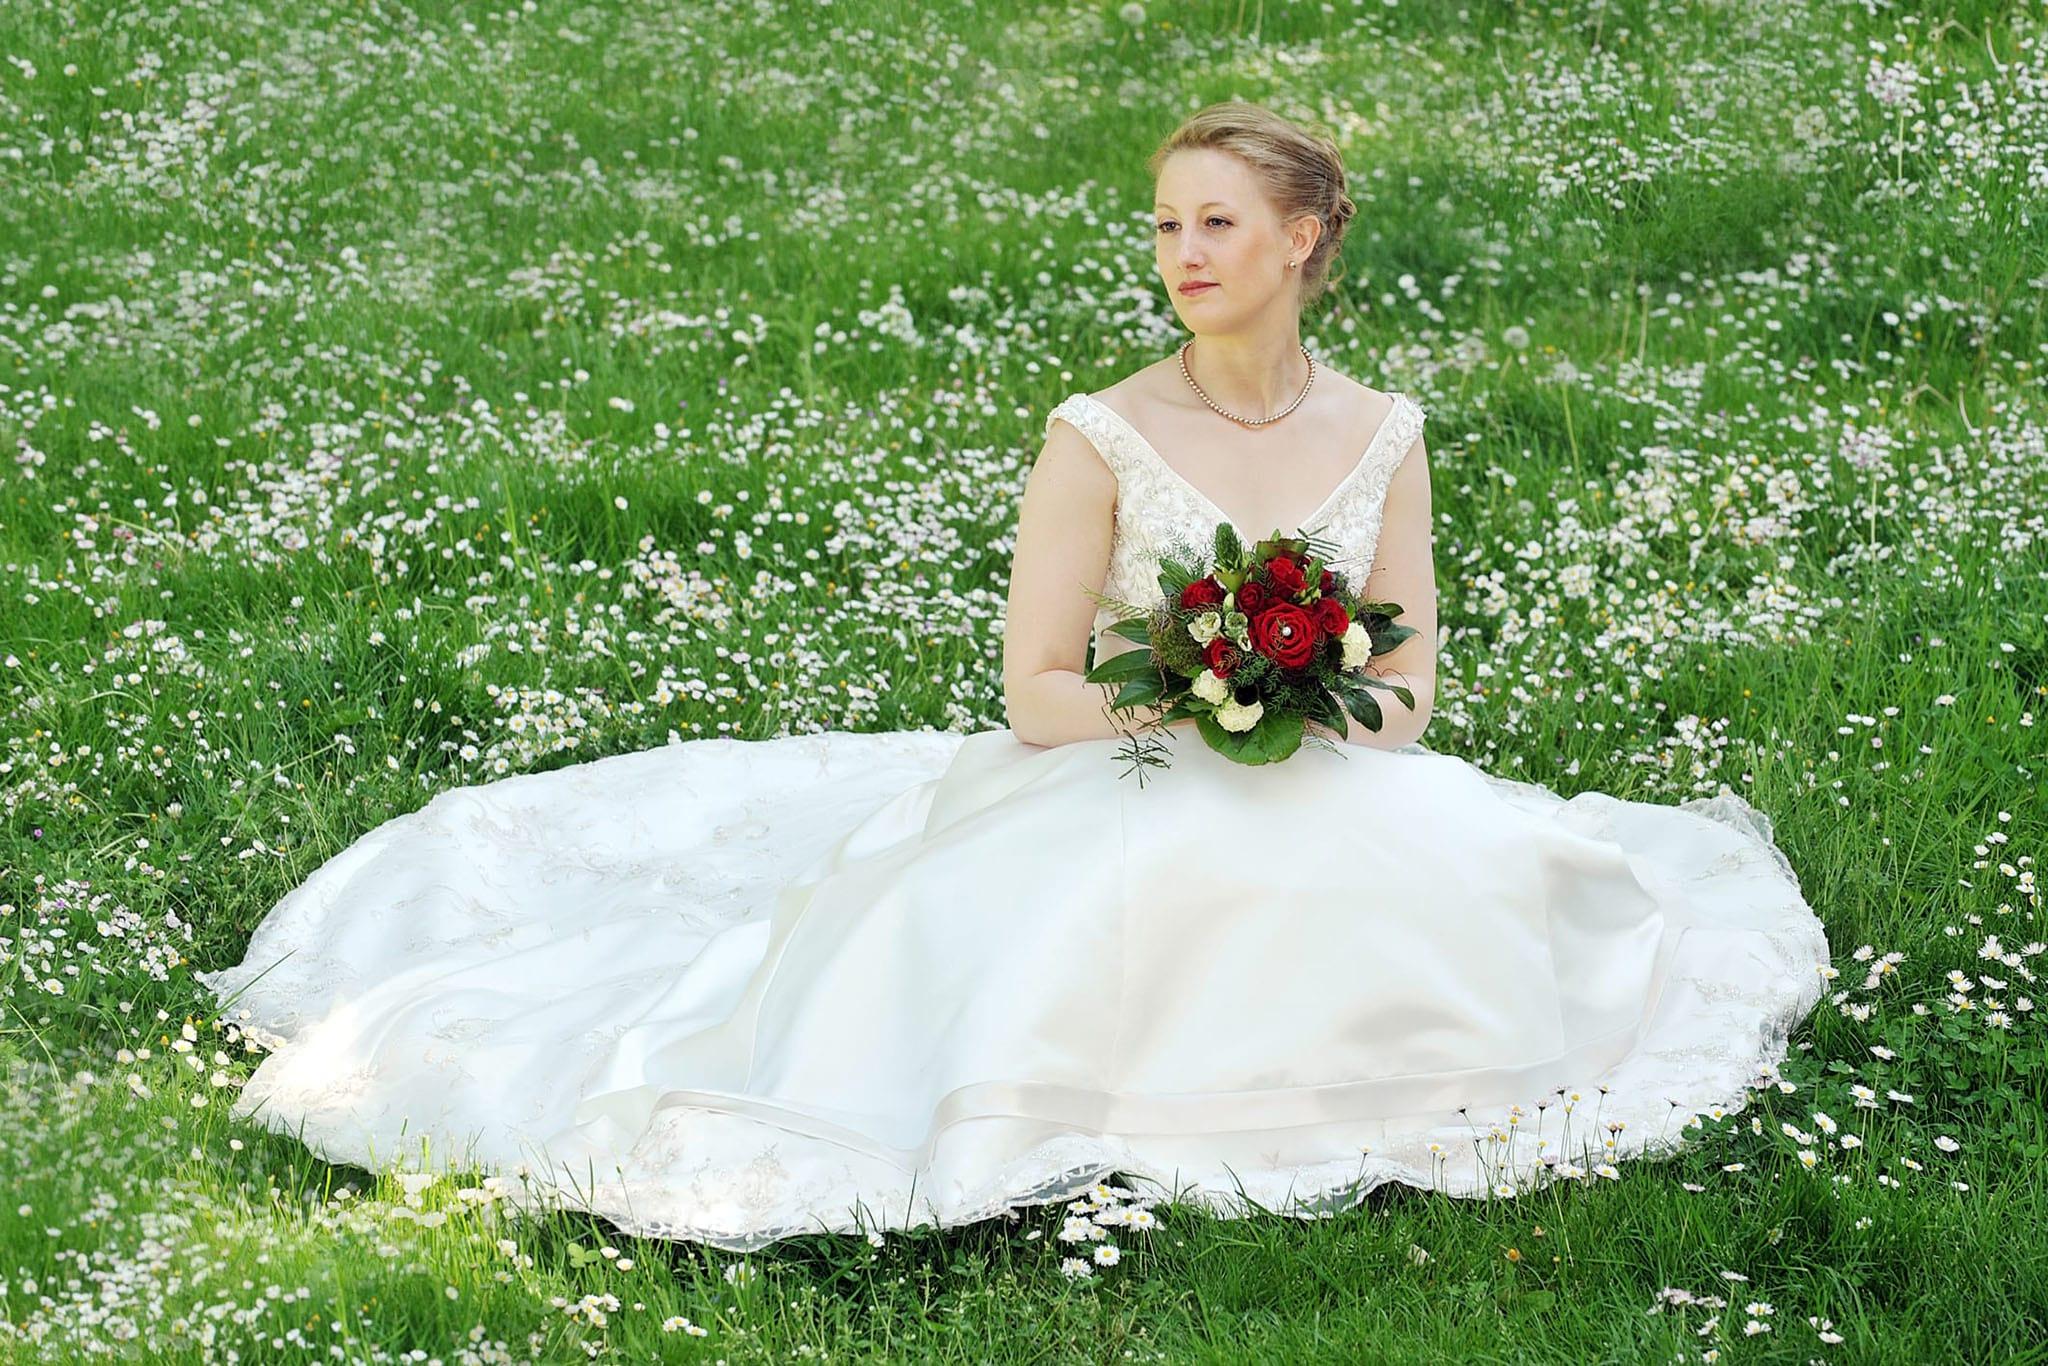 Hochzeit 072 Hochzeit Braut Blumenwiese Hochzeitsfotografie Daniel Fuss Fotografie